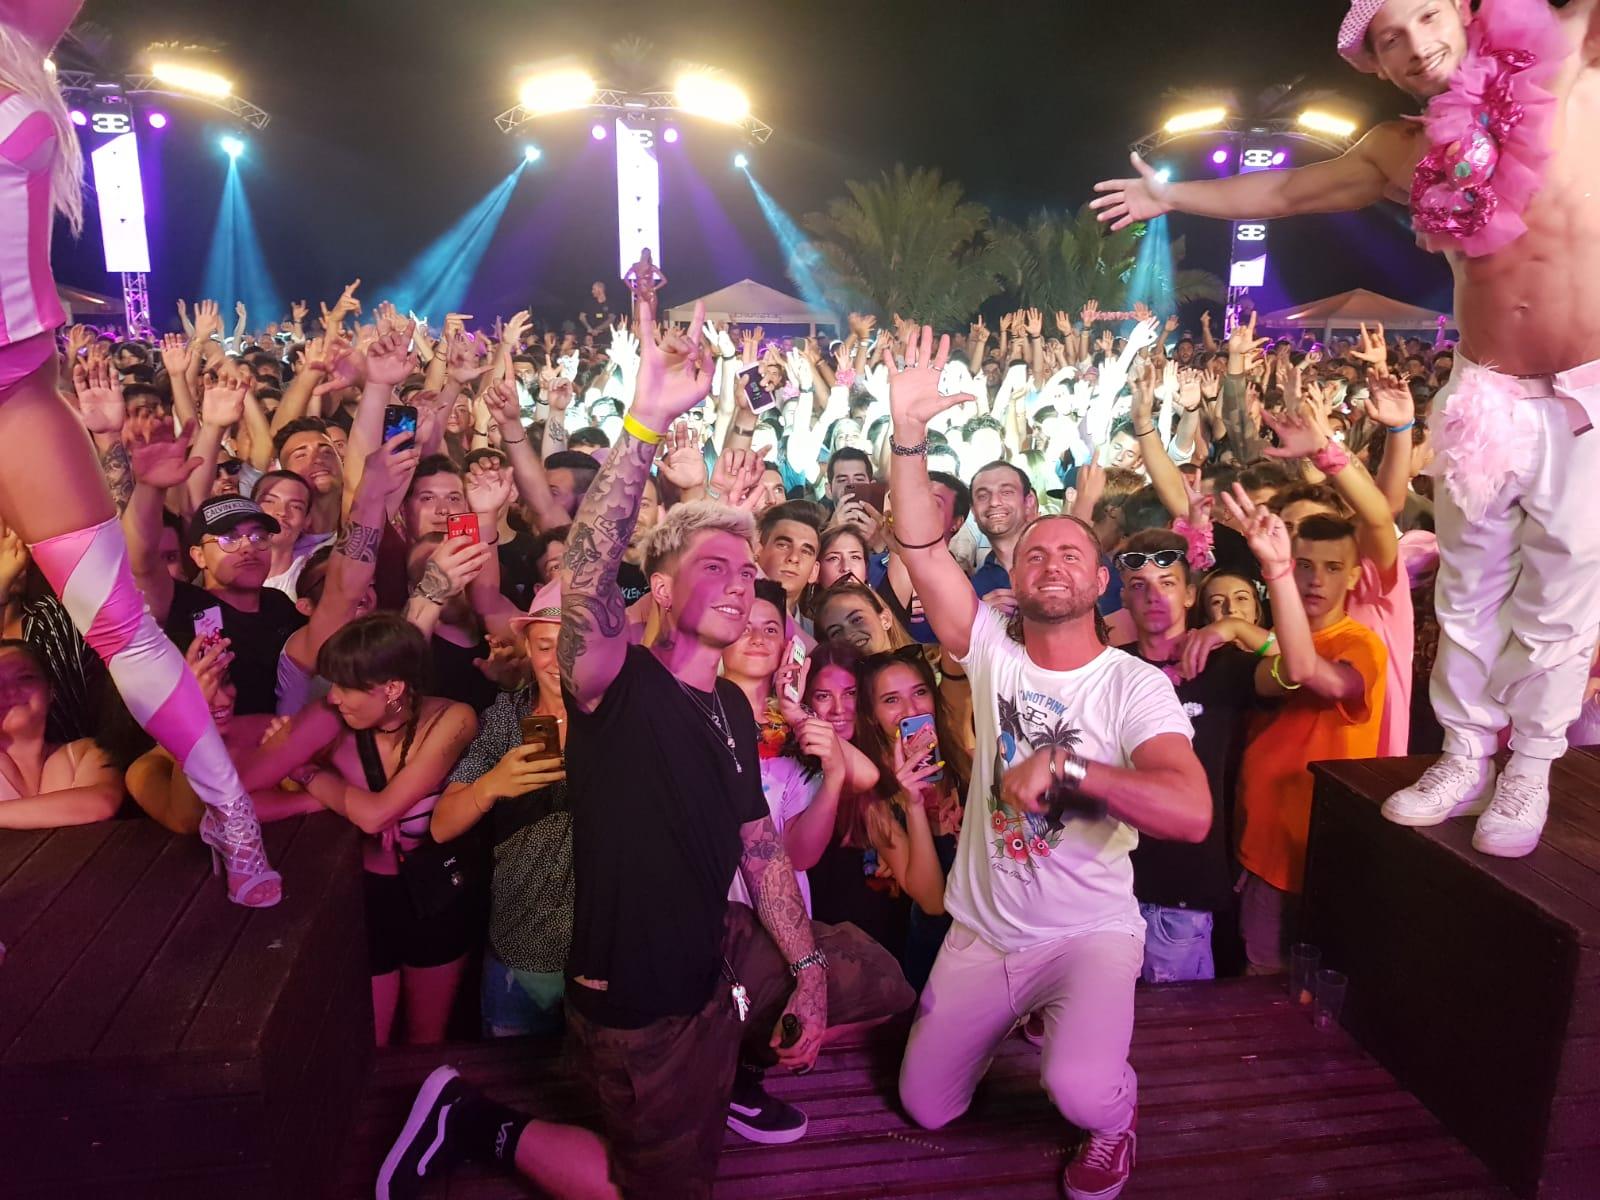 Pericolo assembramenti, il Papeete Beach rinuncia alle feste serali